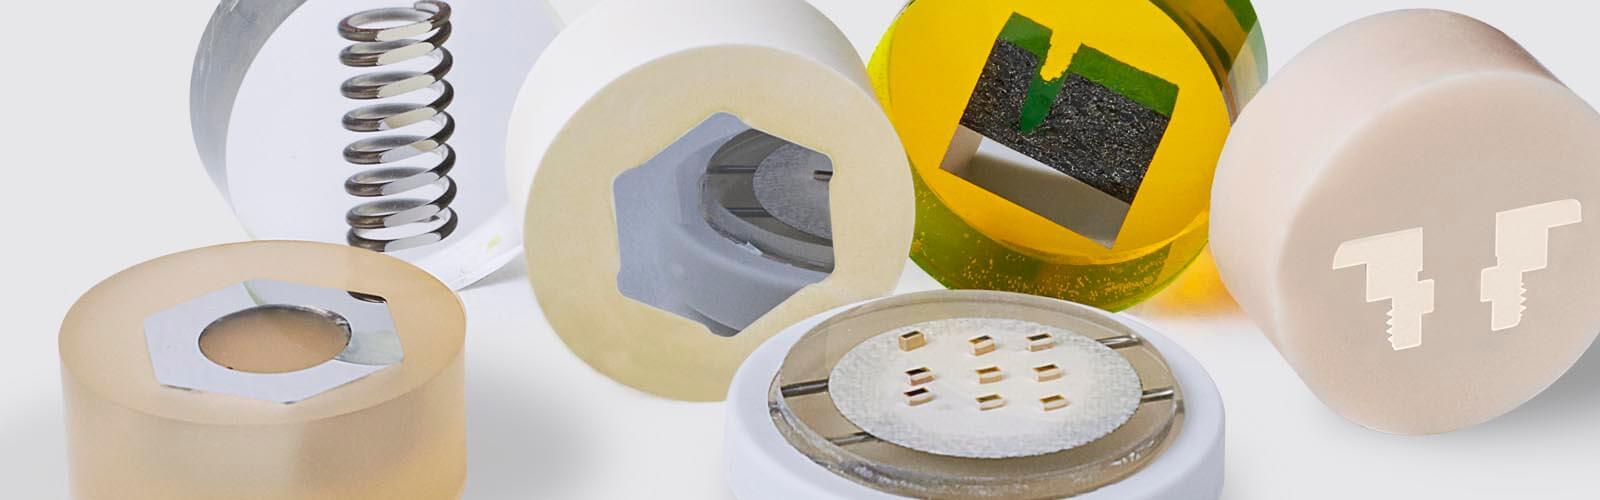 Verbrauchsmaterialien für CitoVac